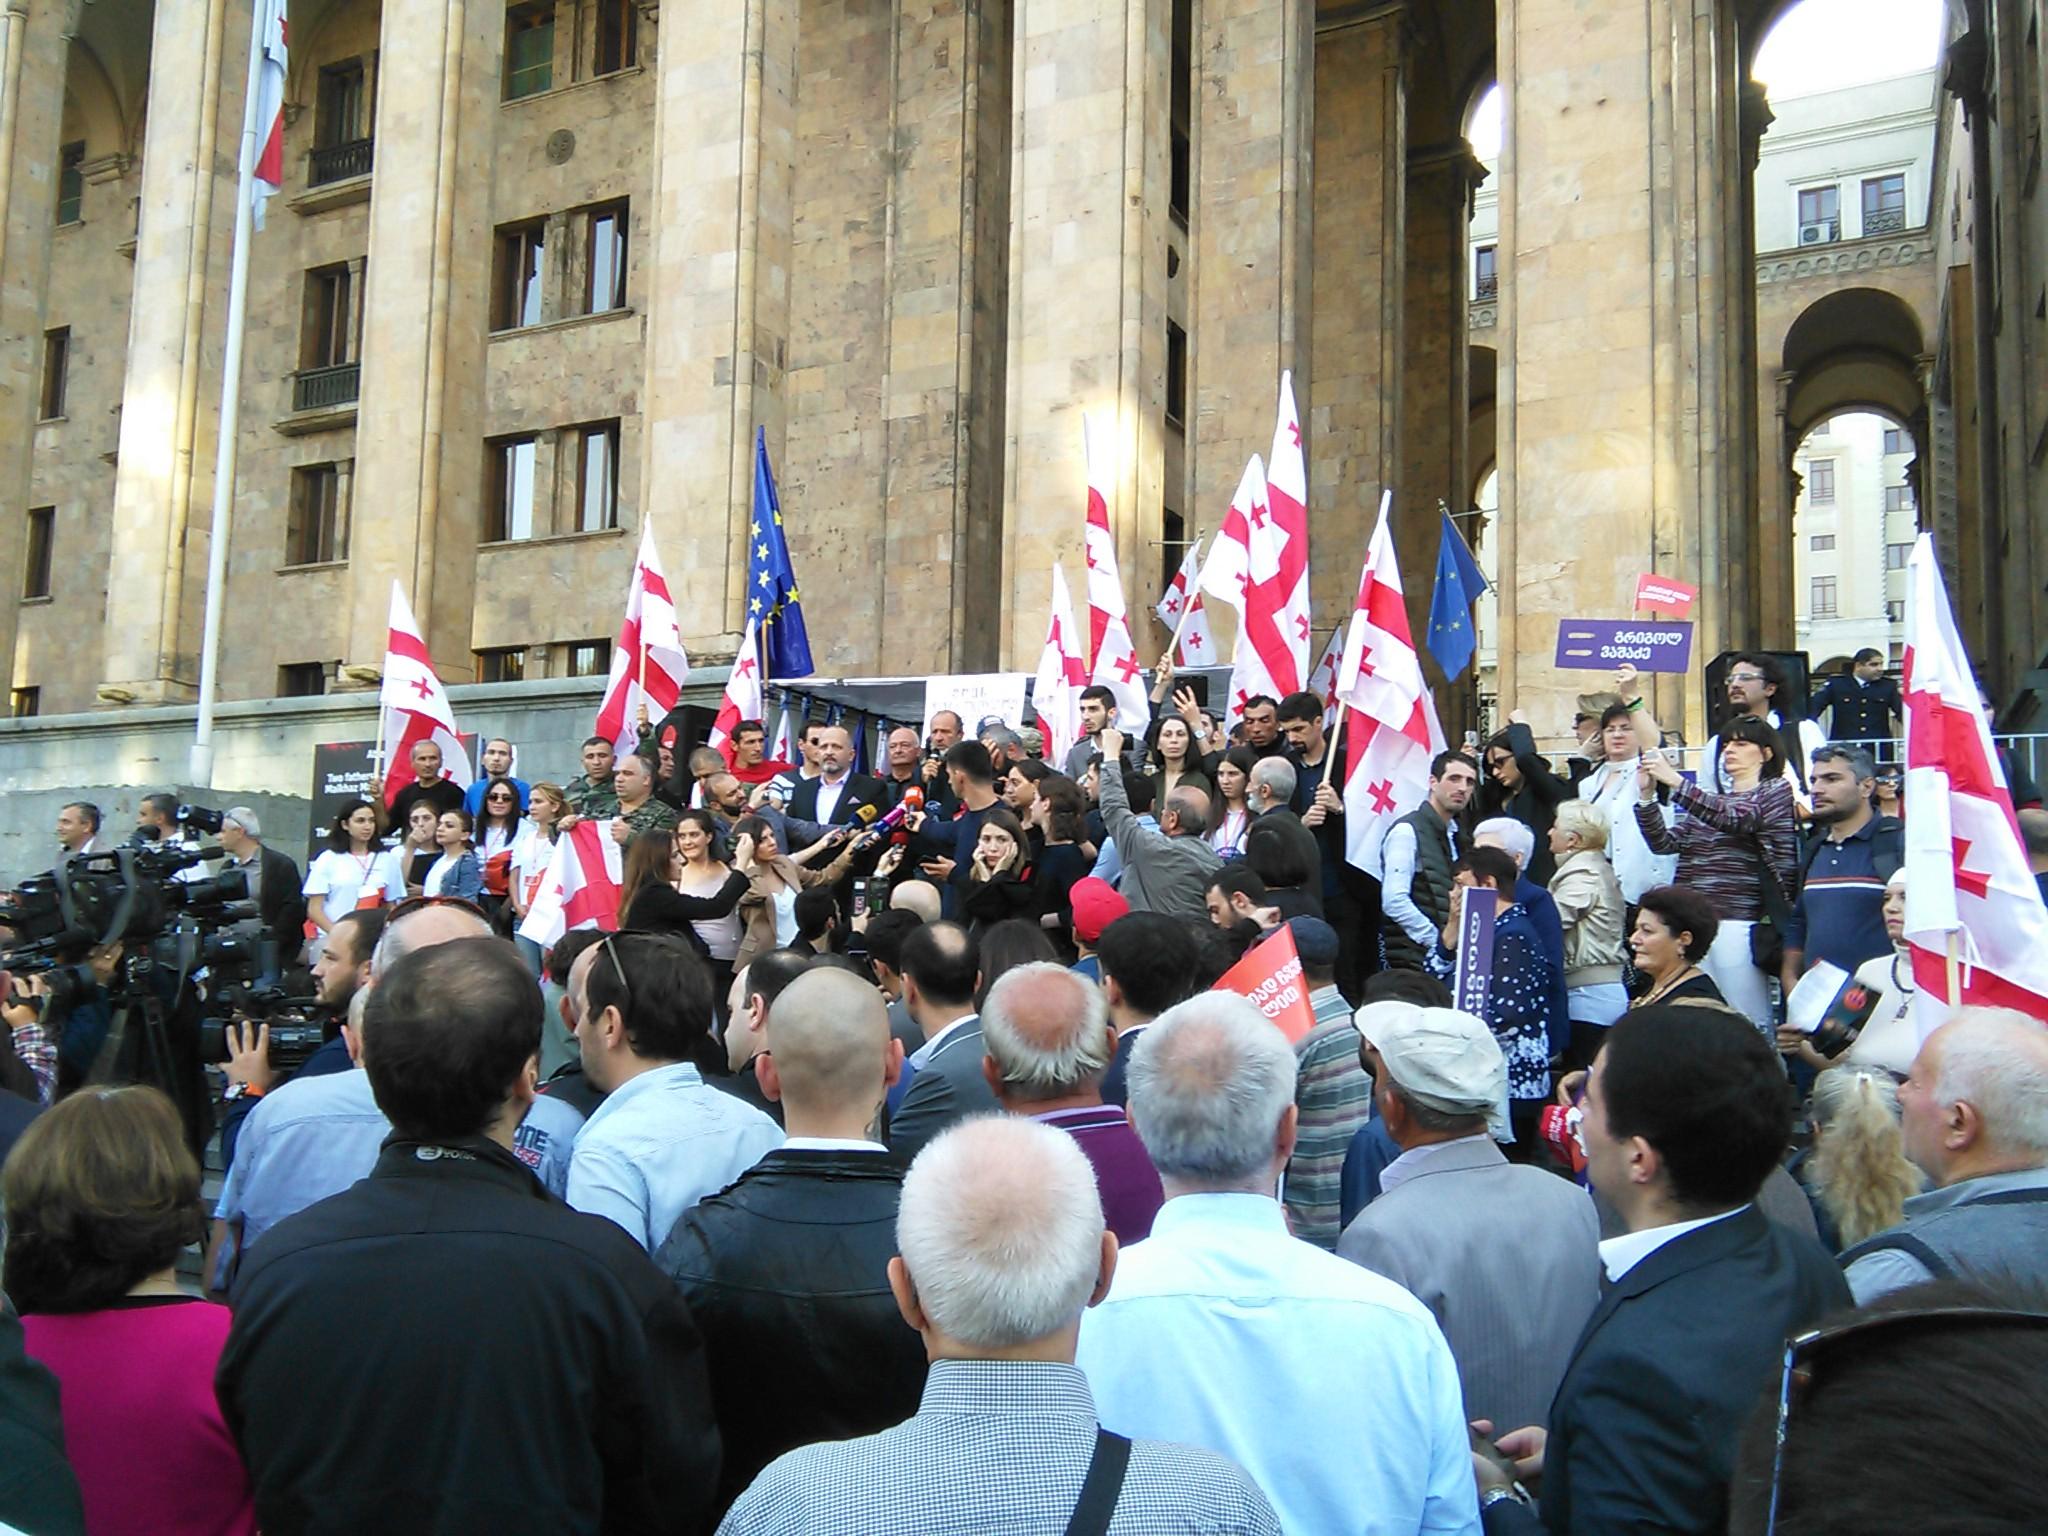 Внимание грузинского общества к выборам пристальное: использование админресурса обернется скандалом, а попытка сфальсицировать результаты голосования – массовыми протестами